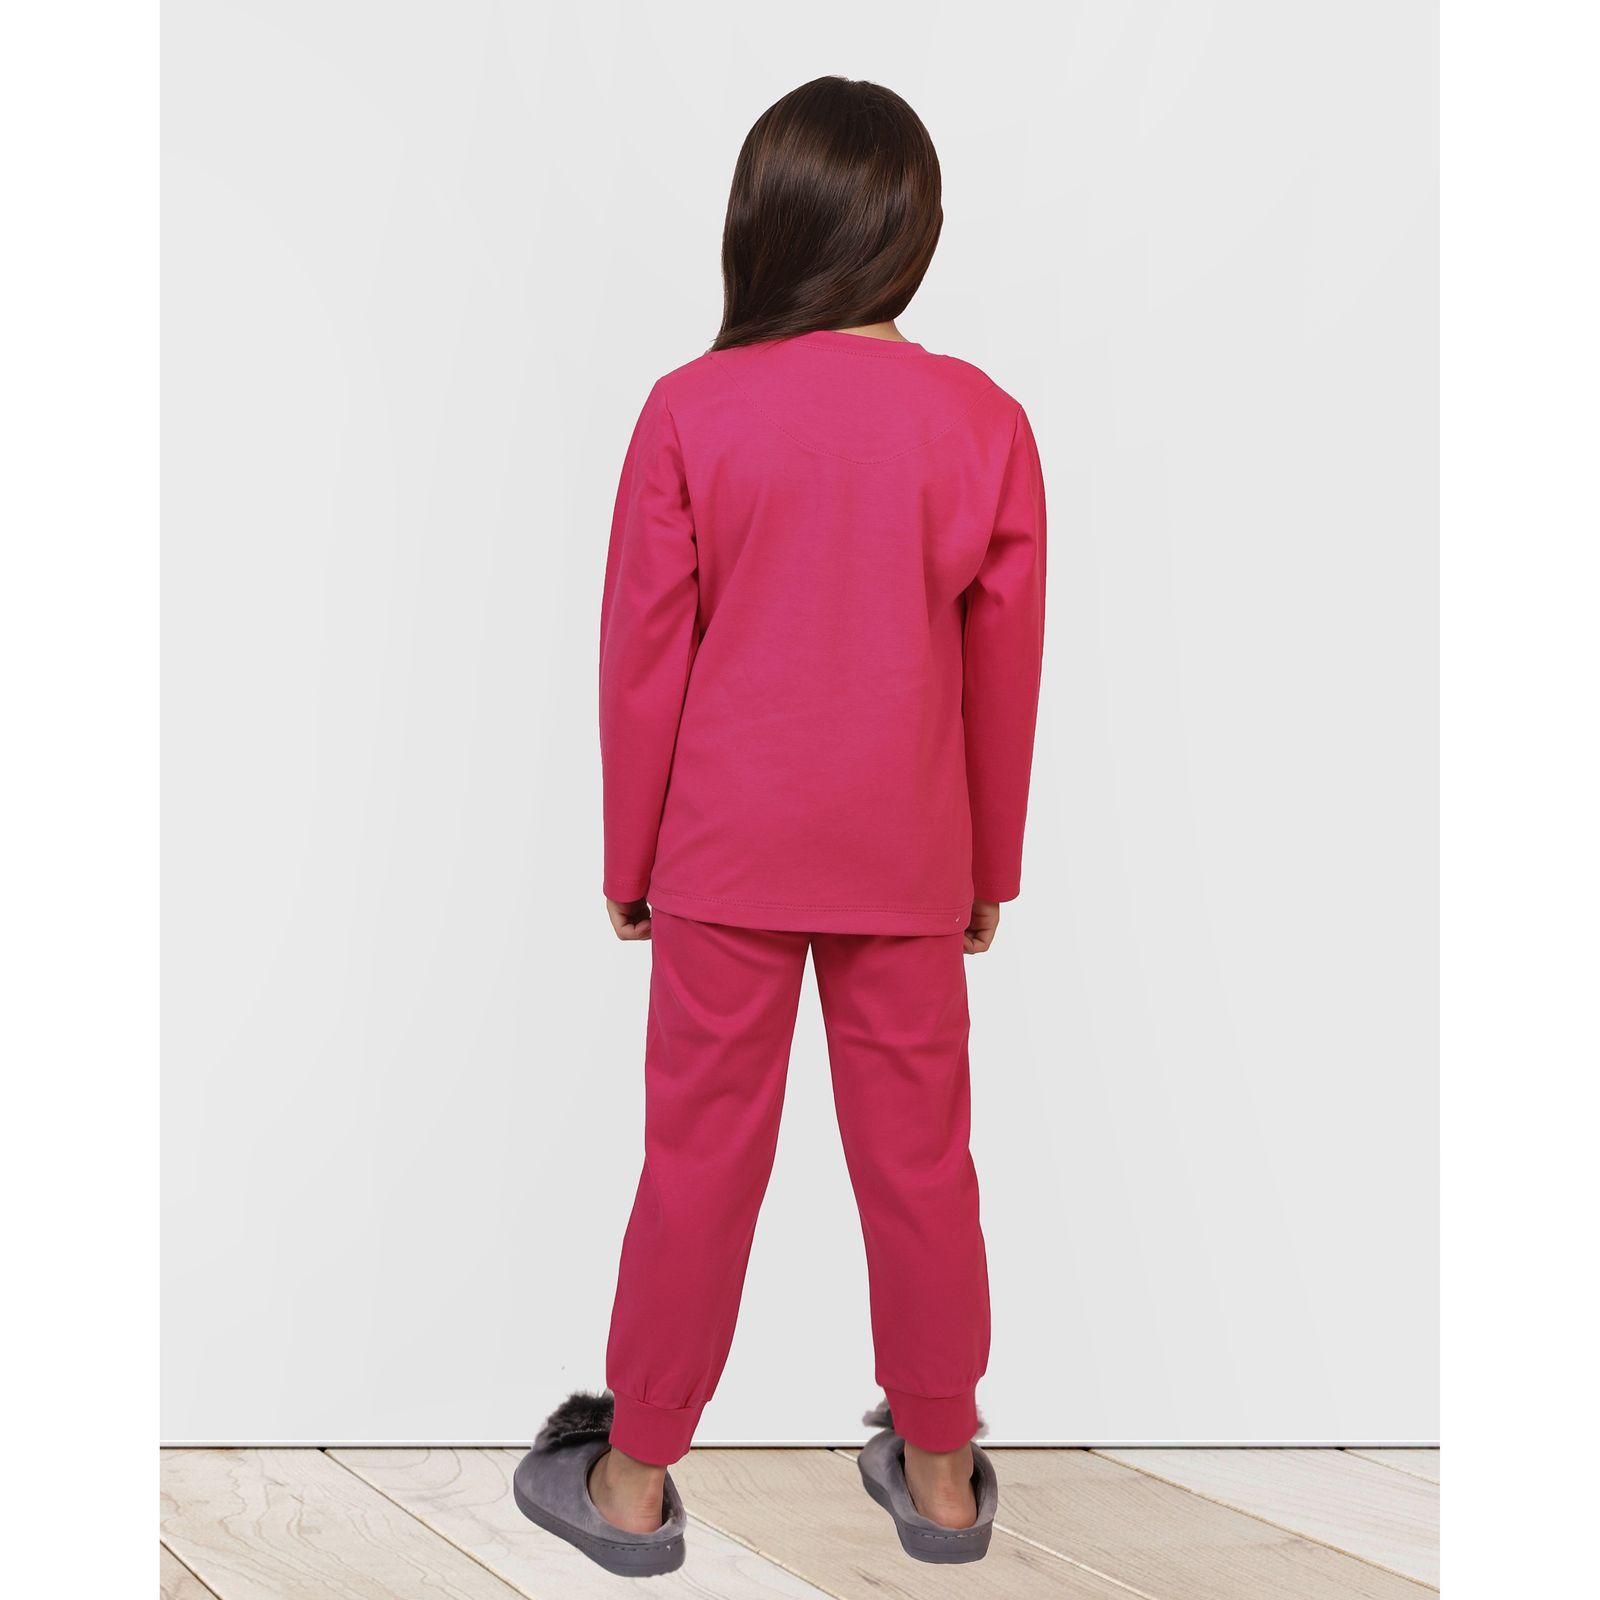 ست تی شرت و شلوار دخترانه مادر مدل 301-66 main 1 11